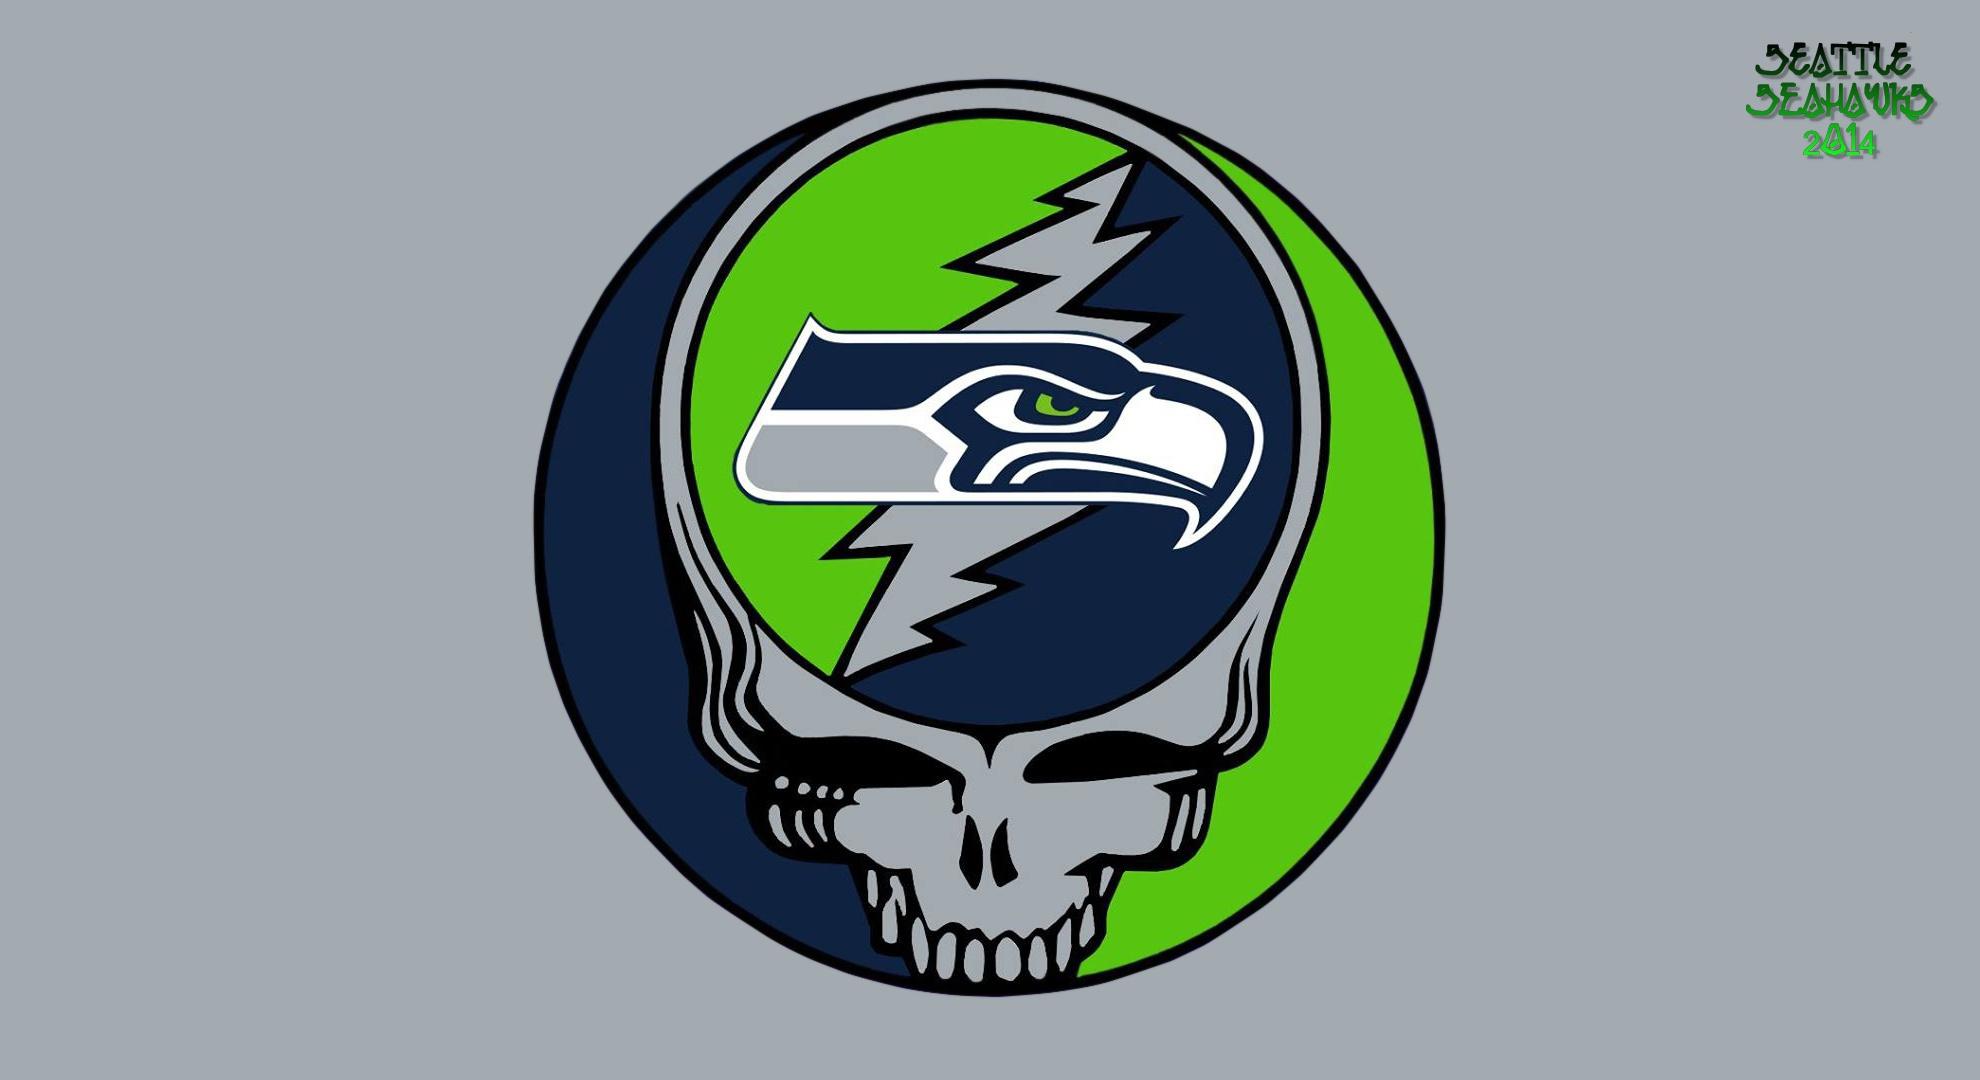 Seattle Seahawks Steal Your Face Desktop Wallpaper 1980x1080